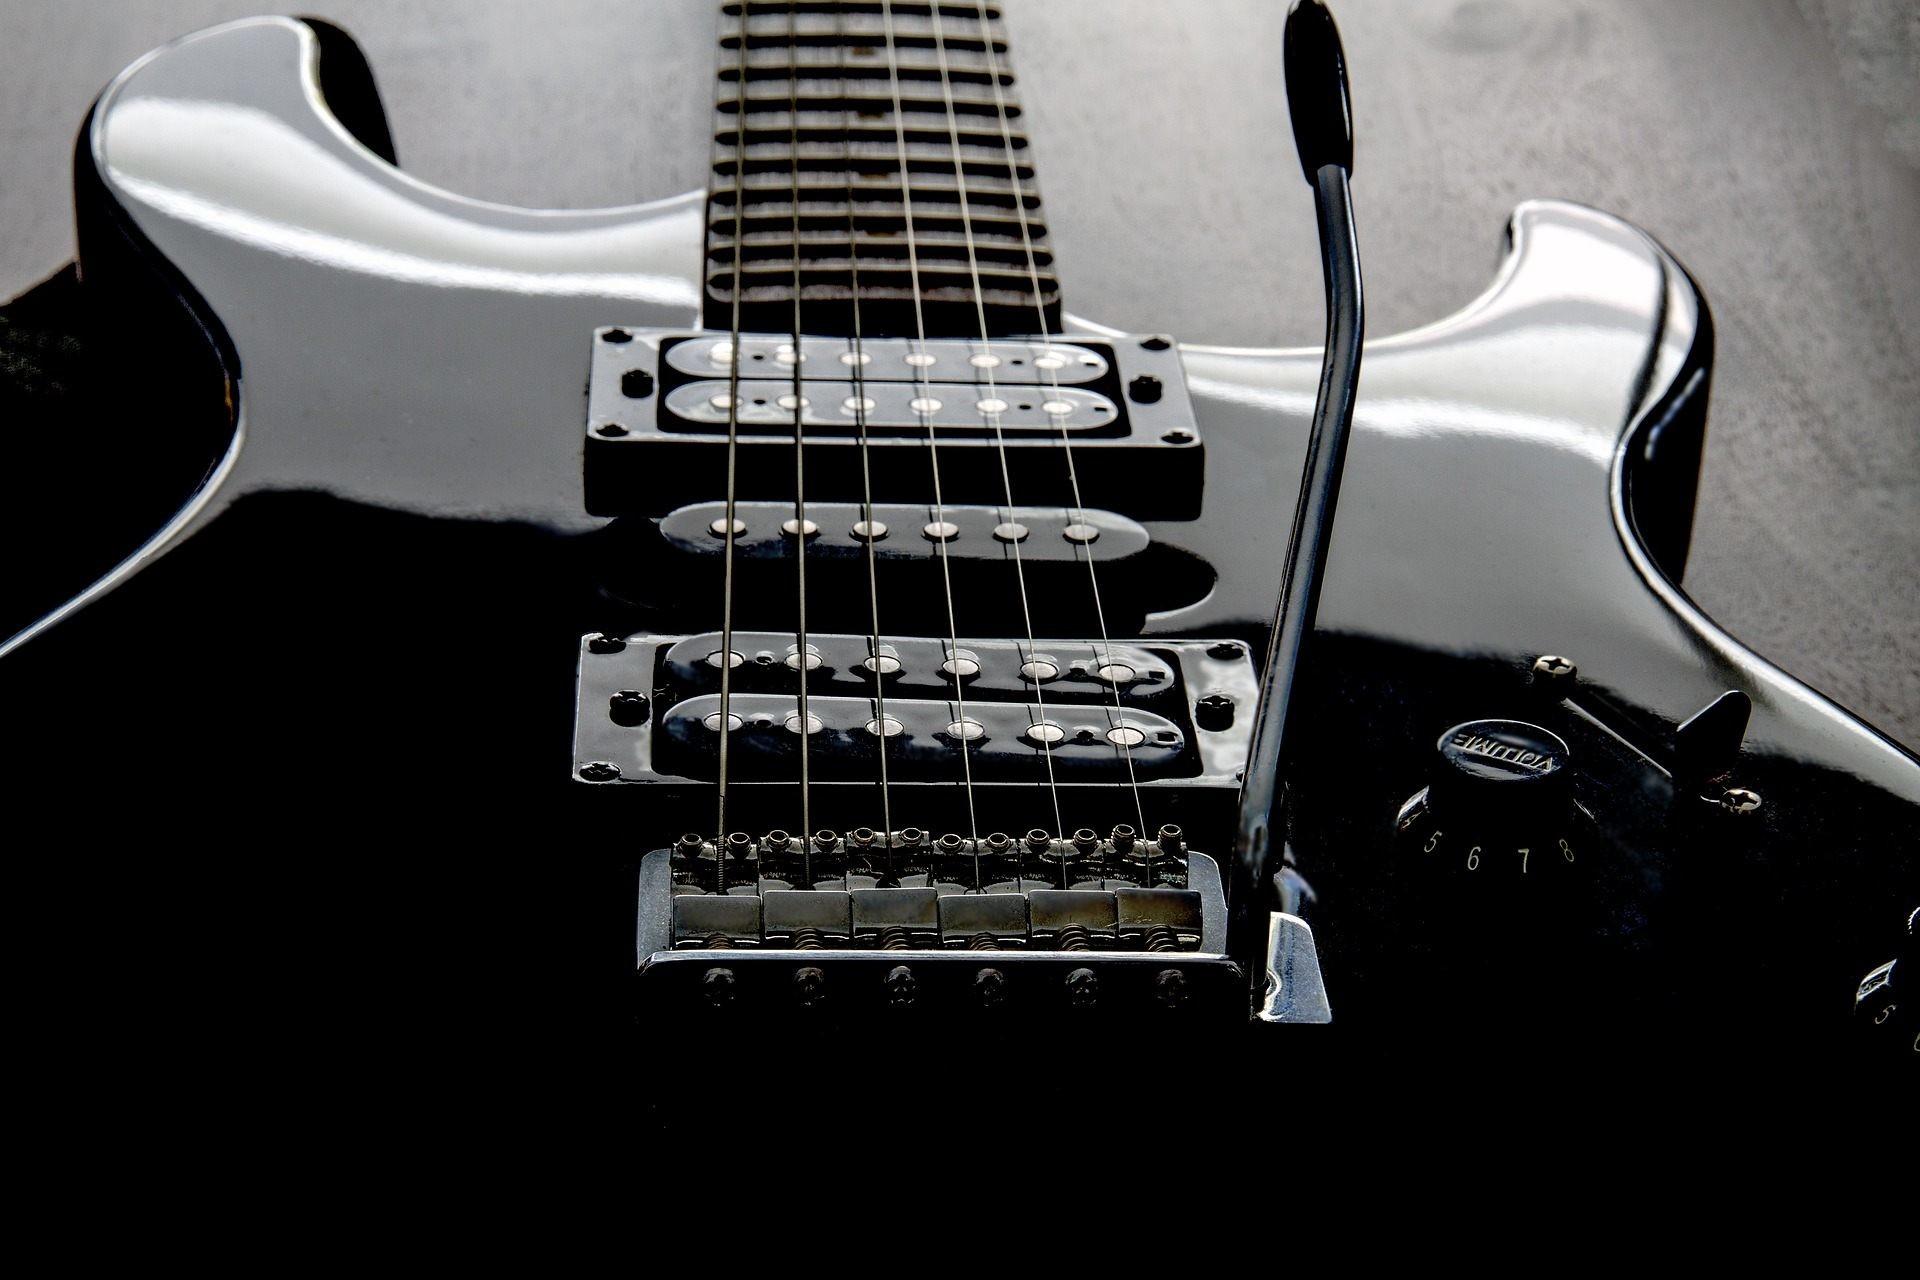 Res: 1920x1280, Dark black guitar wallpaper hd free